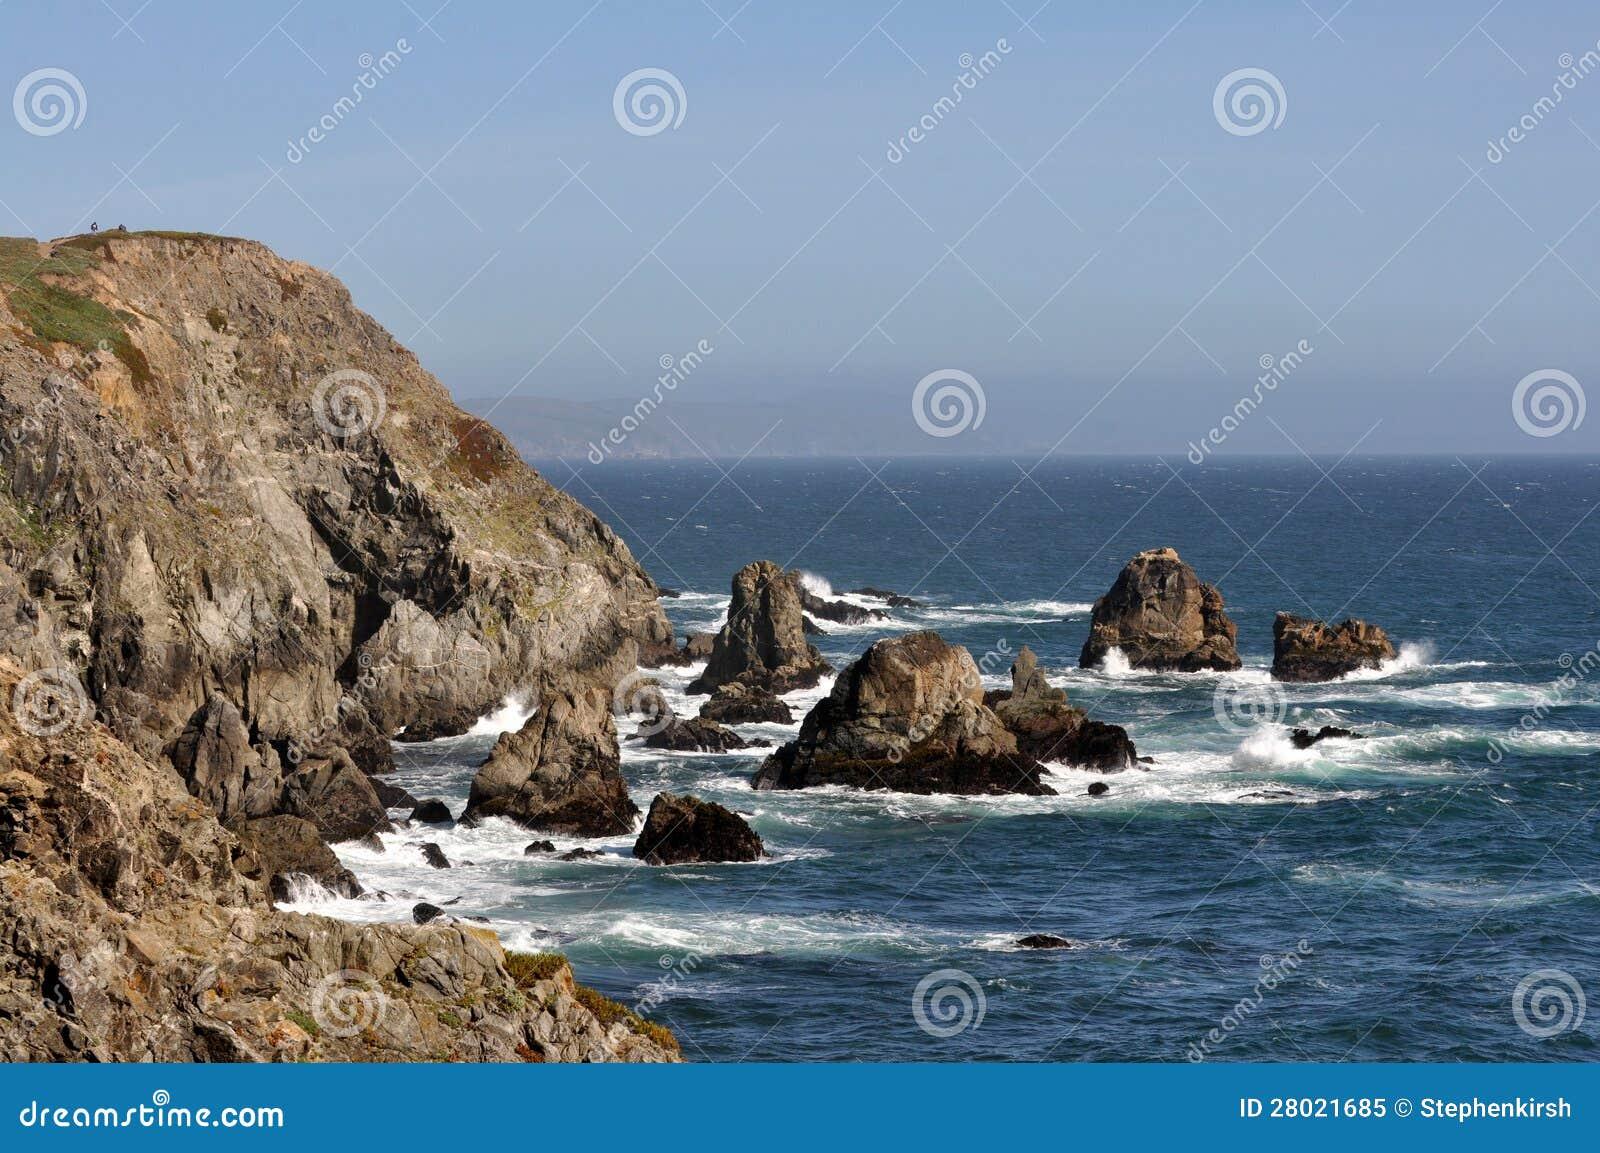 rocky shoreline on california coast royalty free stock